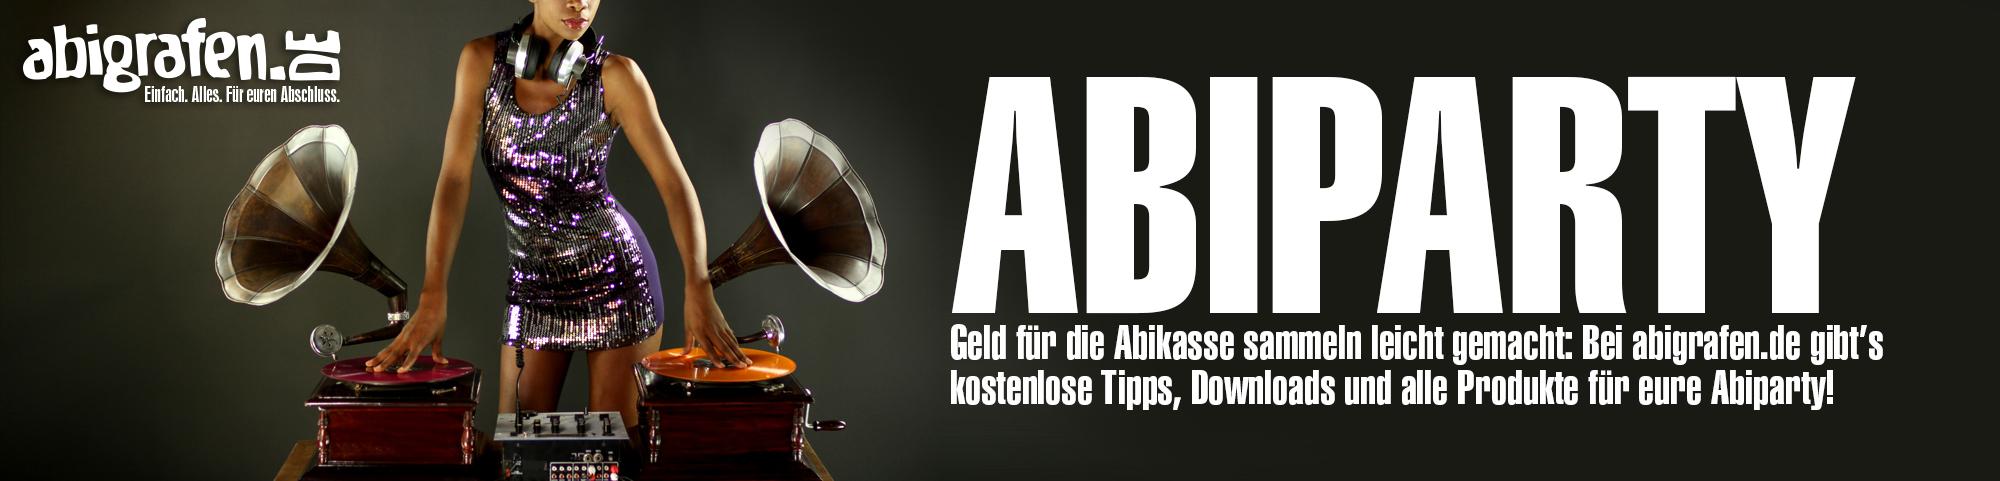 Abishop: Tipps für die Abiparty – abigrafen.de